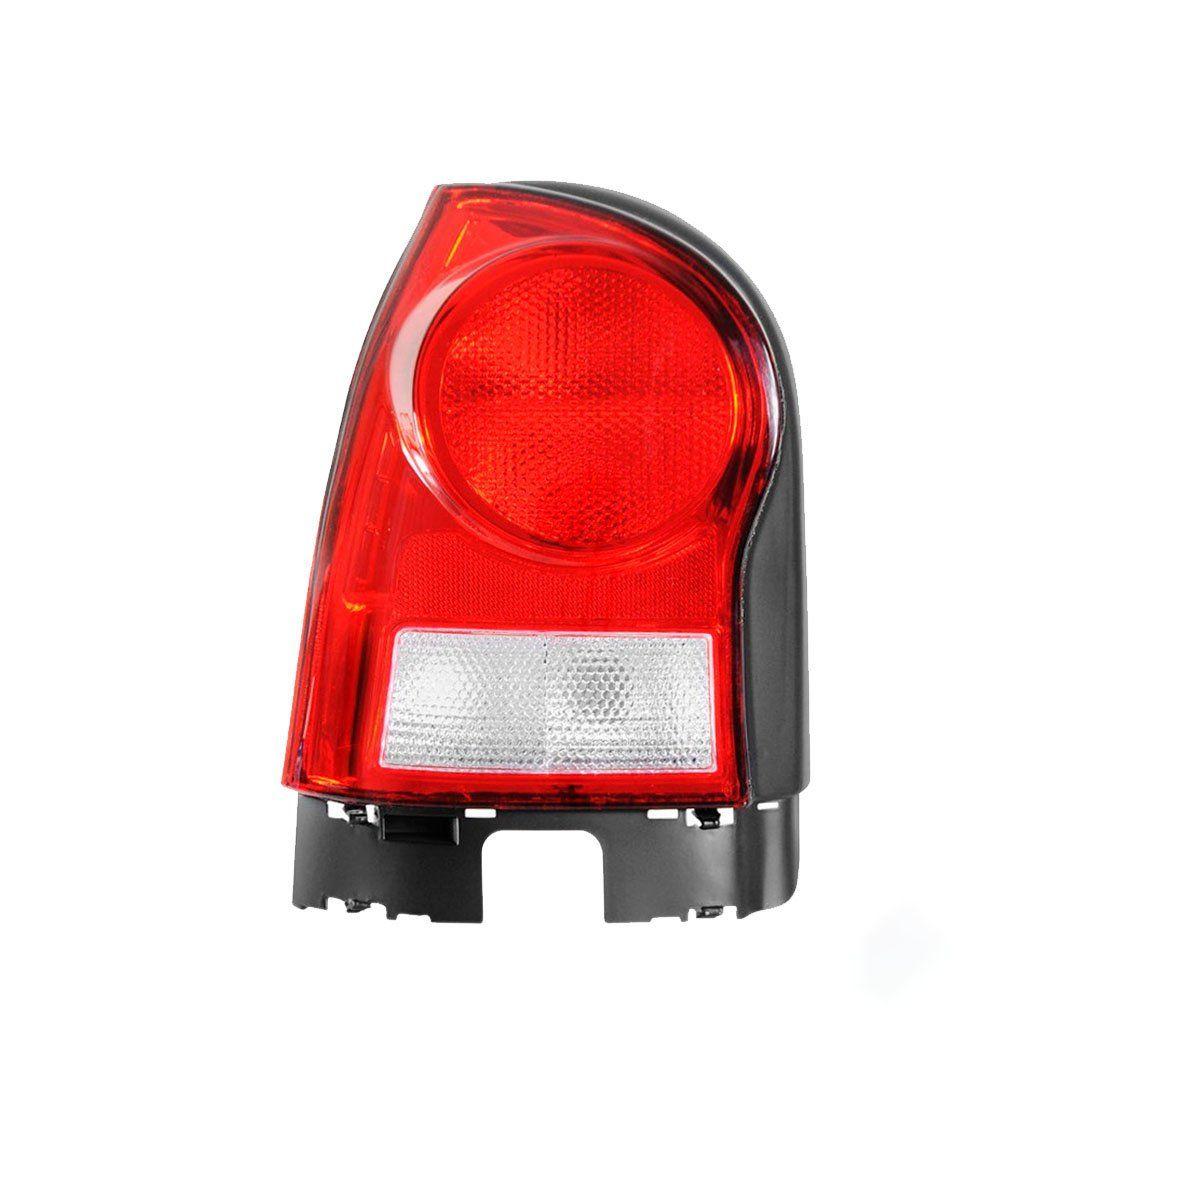 Lanterna Traseira Gol 2006 até 2012 | Vermelha | Ré Cristal